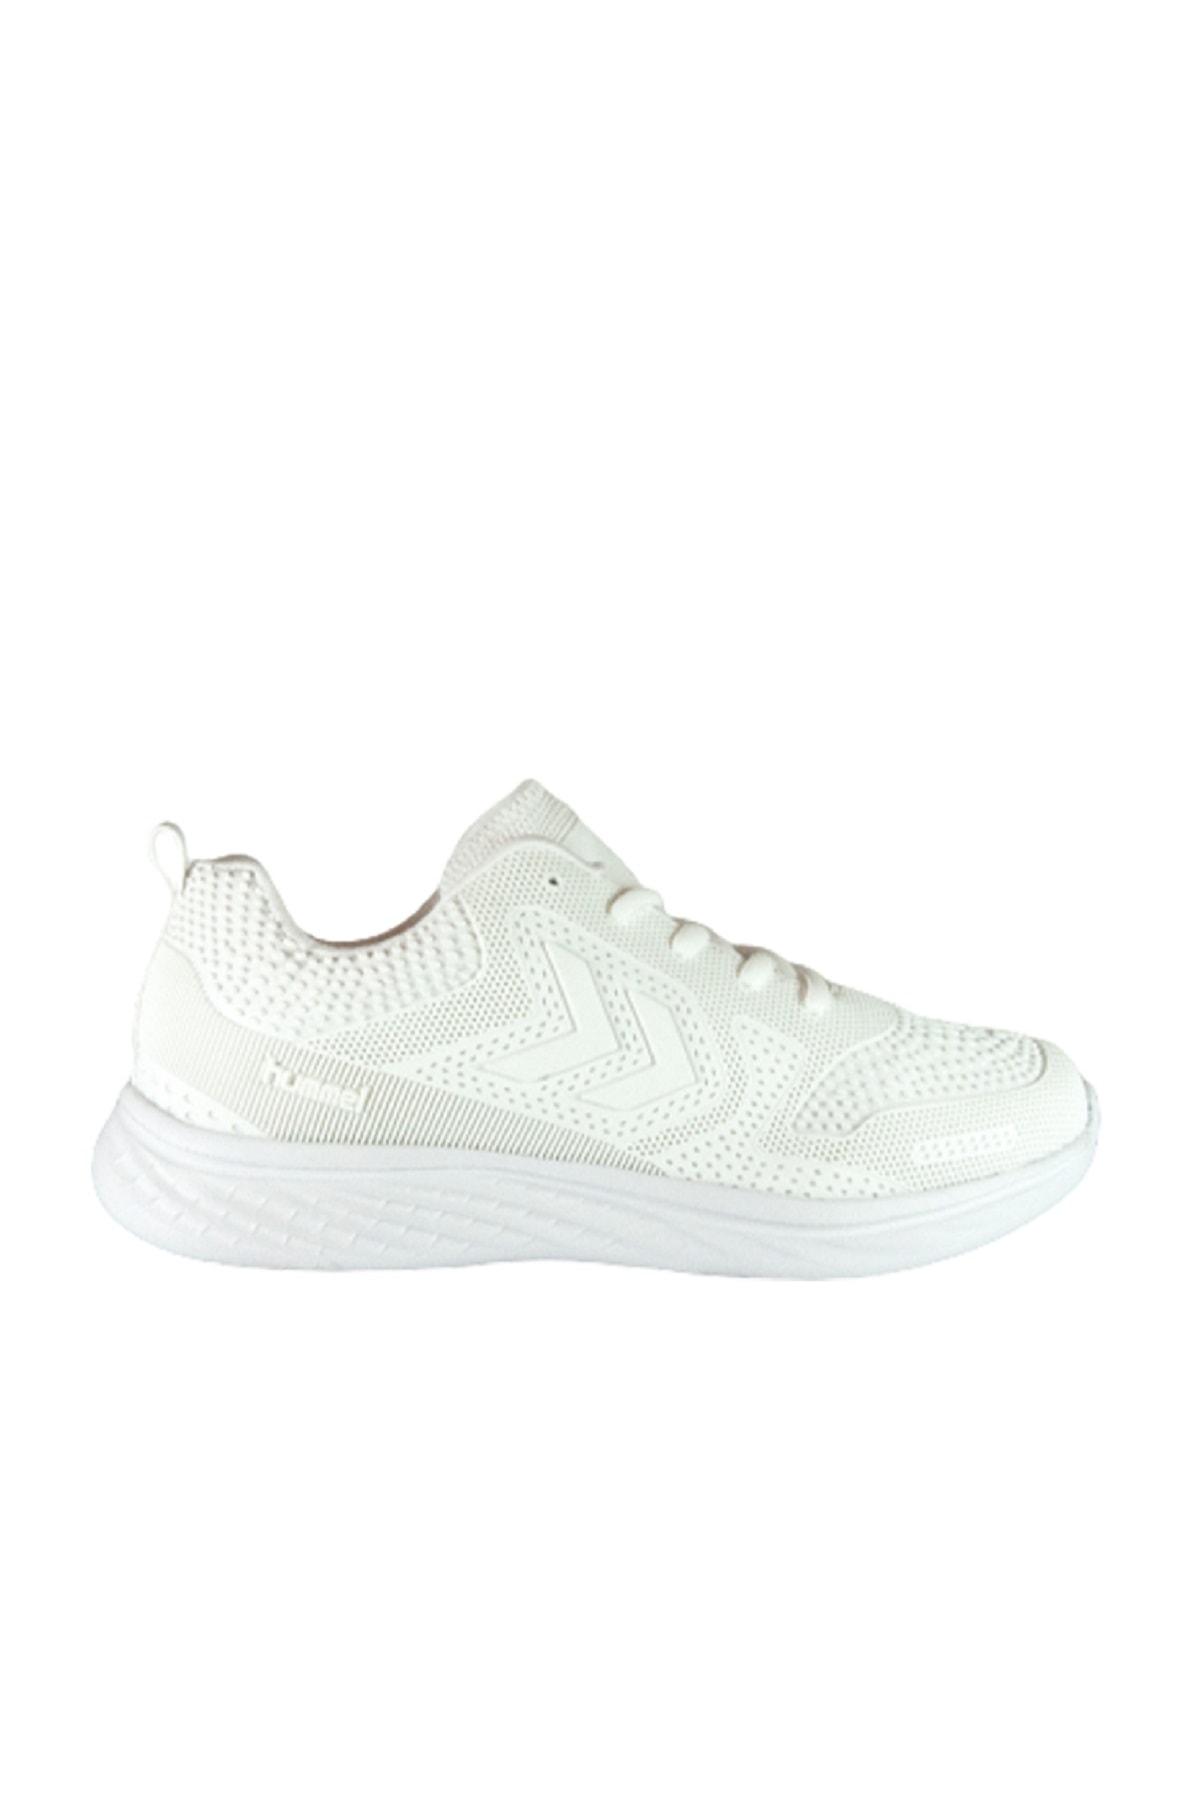 HUMMEL HMLFLOW Kadın-Erkek Ayakkabı 206757-9001 1